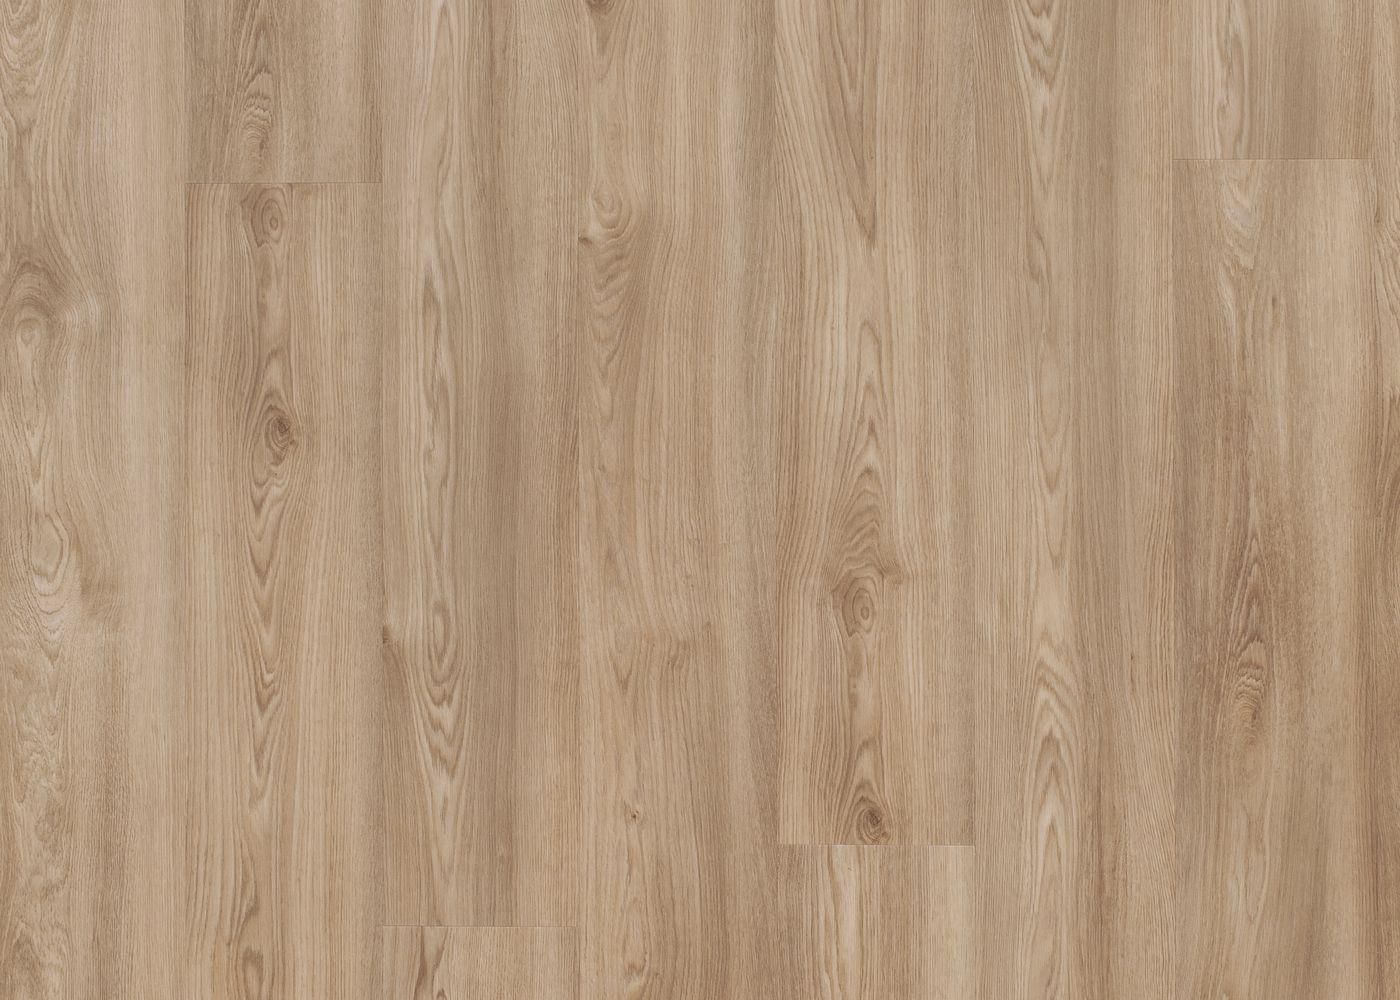 Lames vinyles passage residentiel clipsable 40 monolame g4 décor Chêne columbian 636m - couche d'usure 0,4mm Passage résidentiel